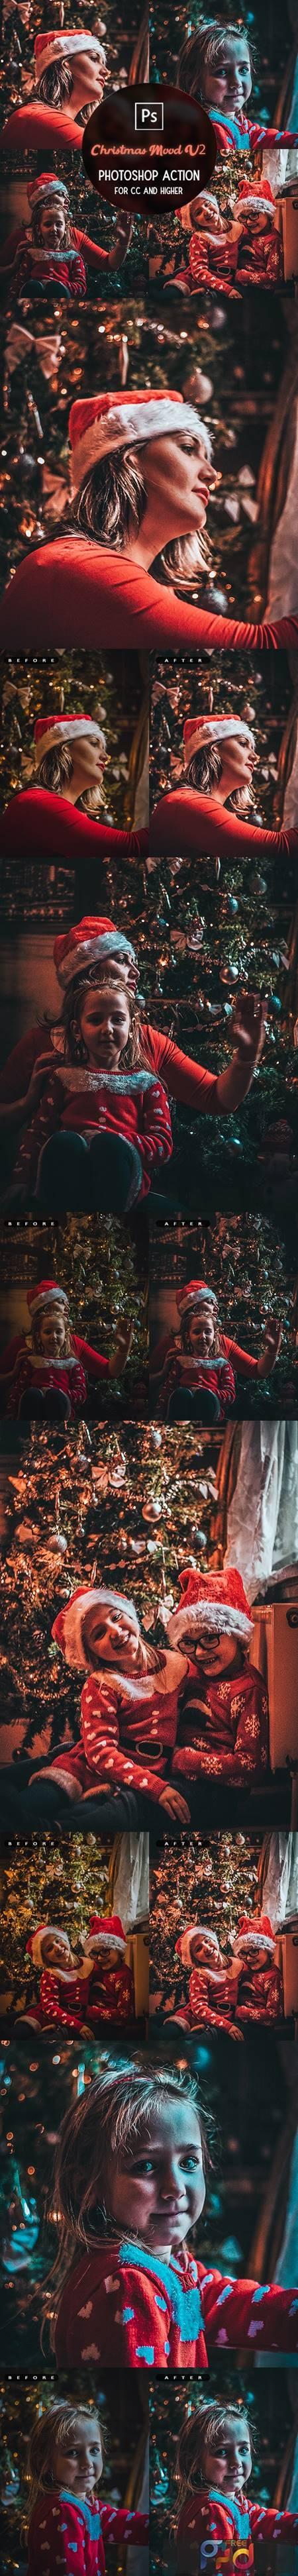 Christmas Mood V2 - Photoshop Action 29732703 1